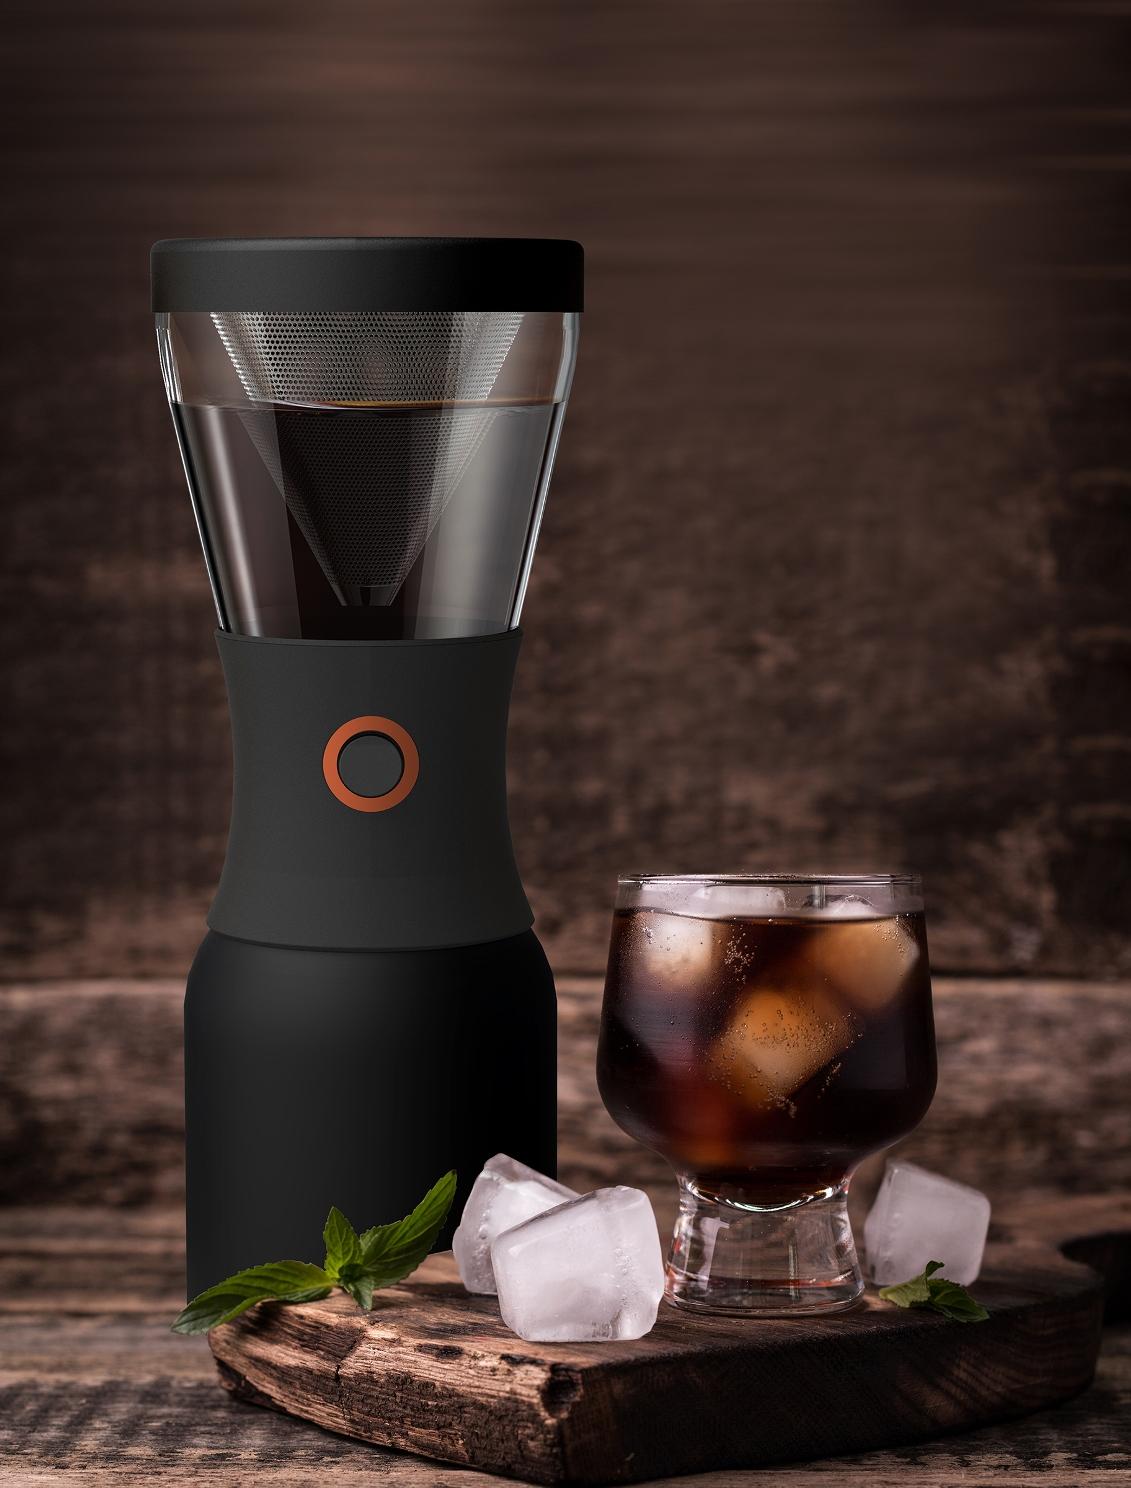 Кофеварка портативная Asobu COLD BREWCOFFEE, 1,1 л, черный Asobu KB900 BLACK фото 9